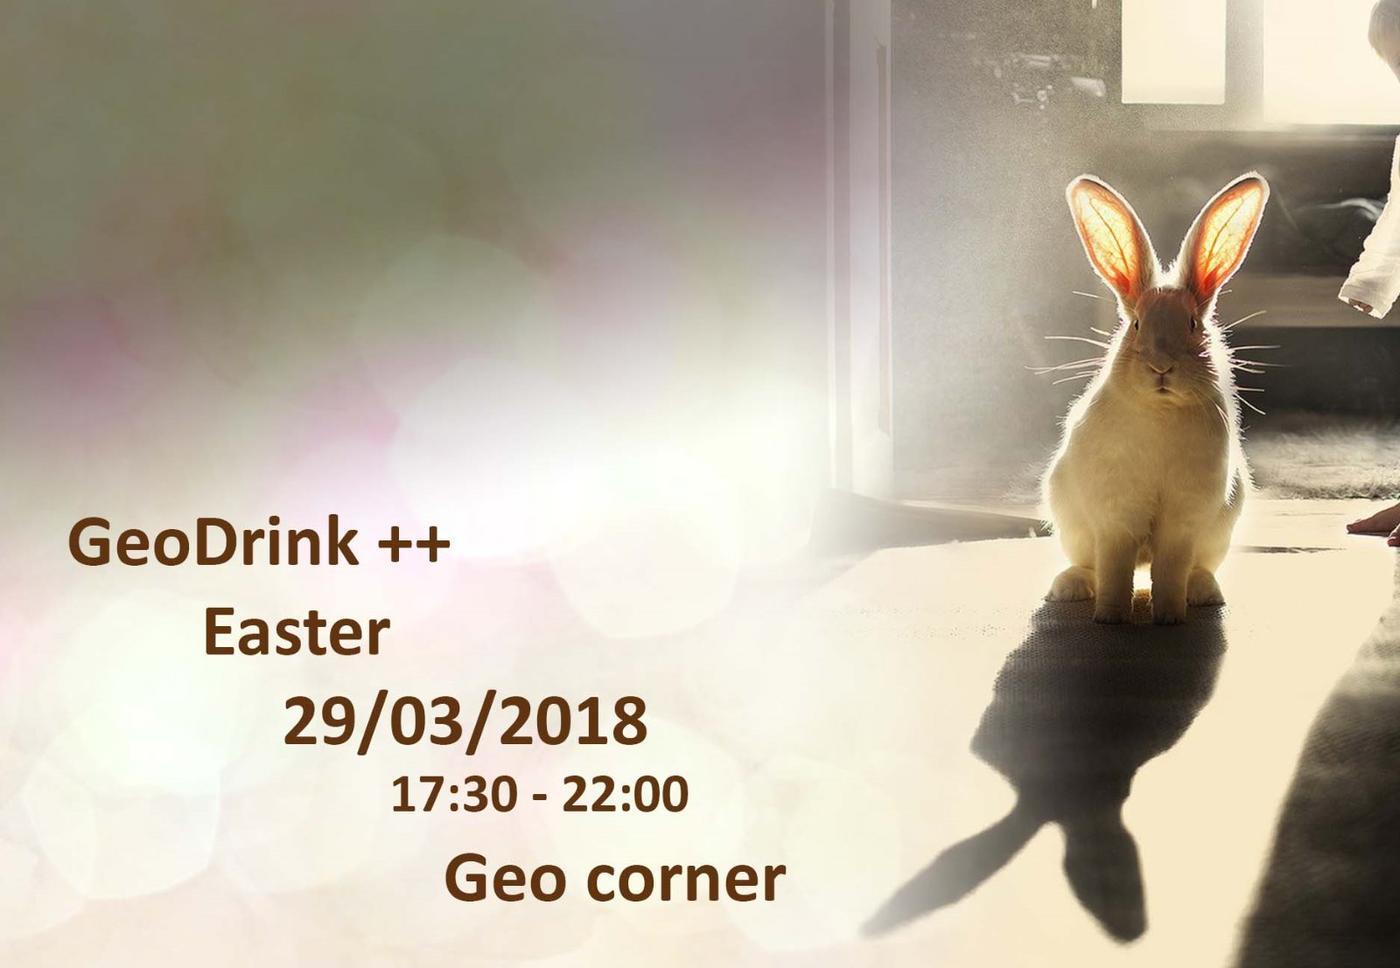 GeoDrink ++ Easter